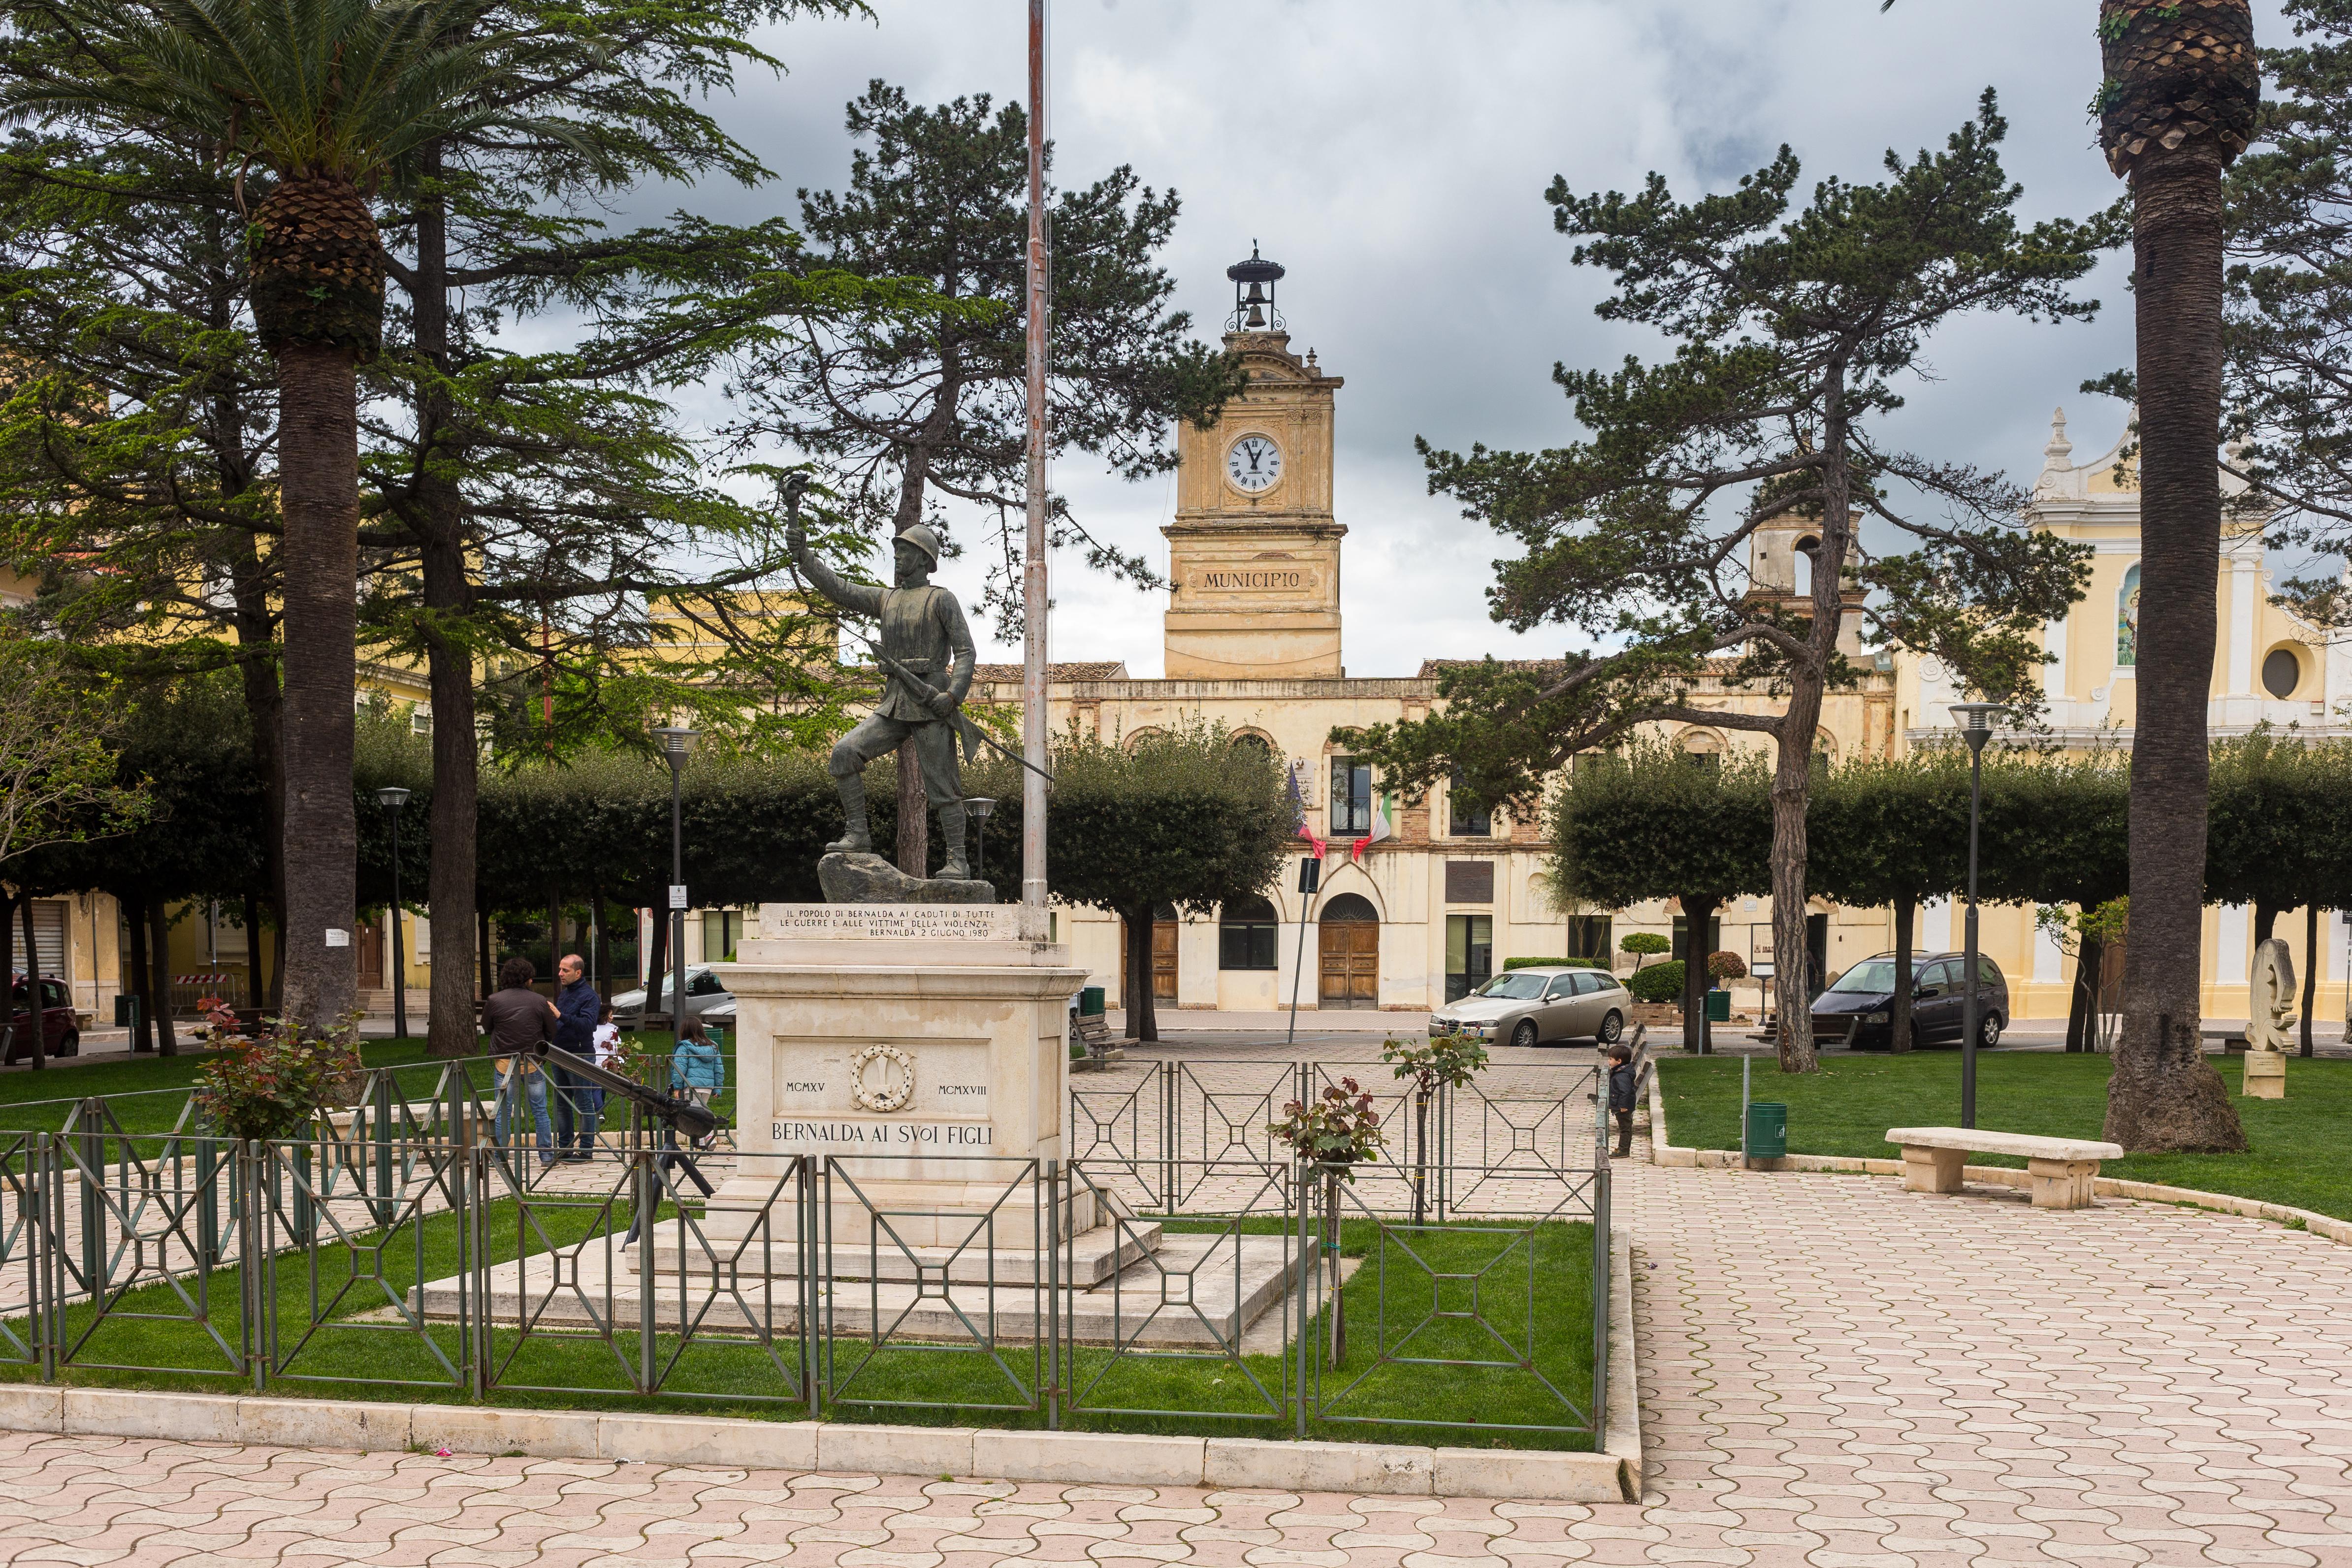 Bernalda Town Square